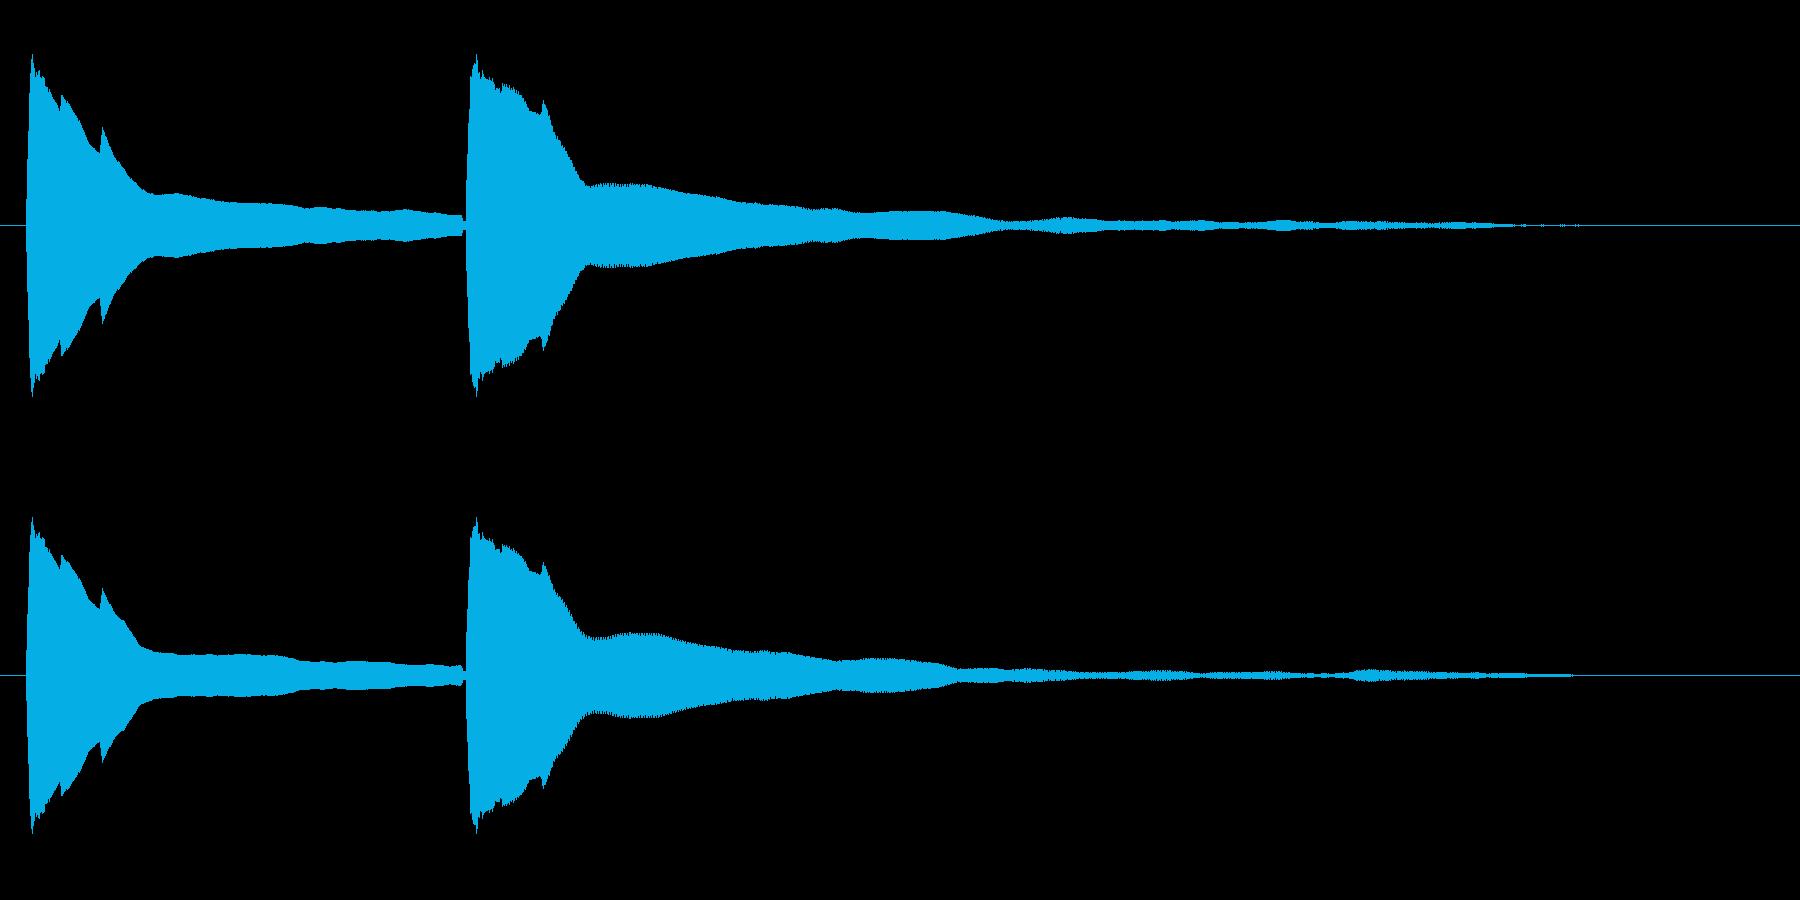 ピポン(高音のお知らせ音)の再生済みの波形